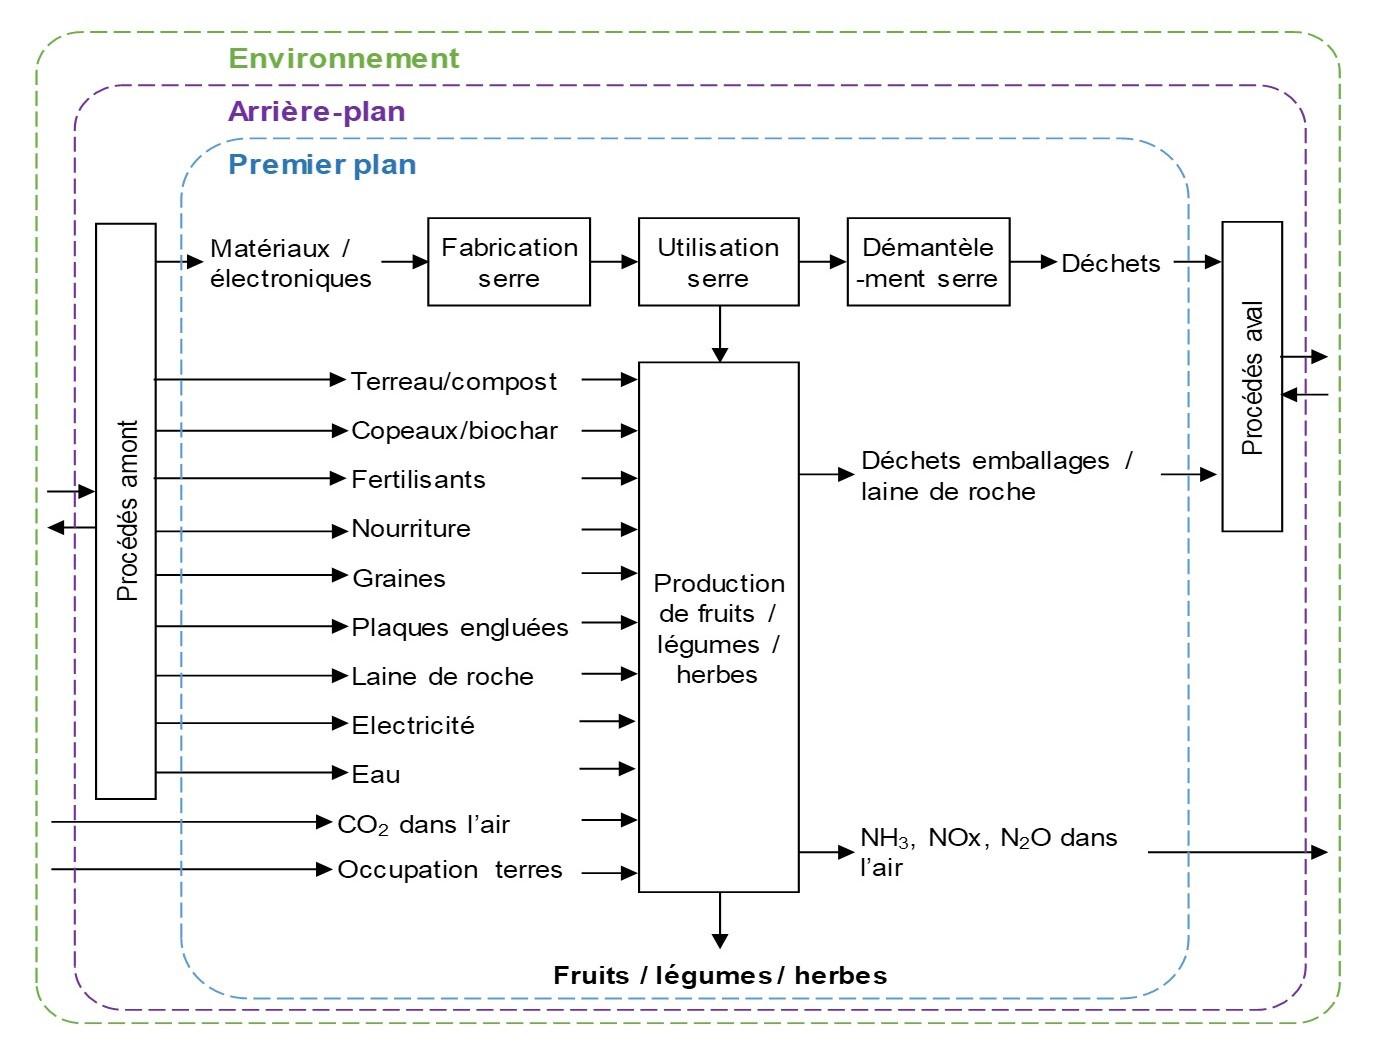 Frontières de l'étude de cycle de vie de la serre connectée.